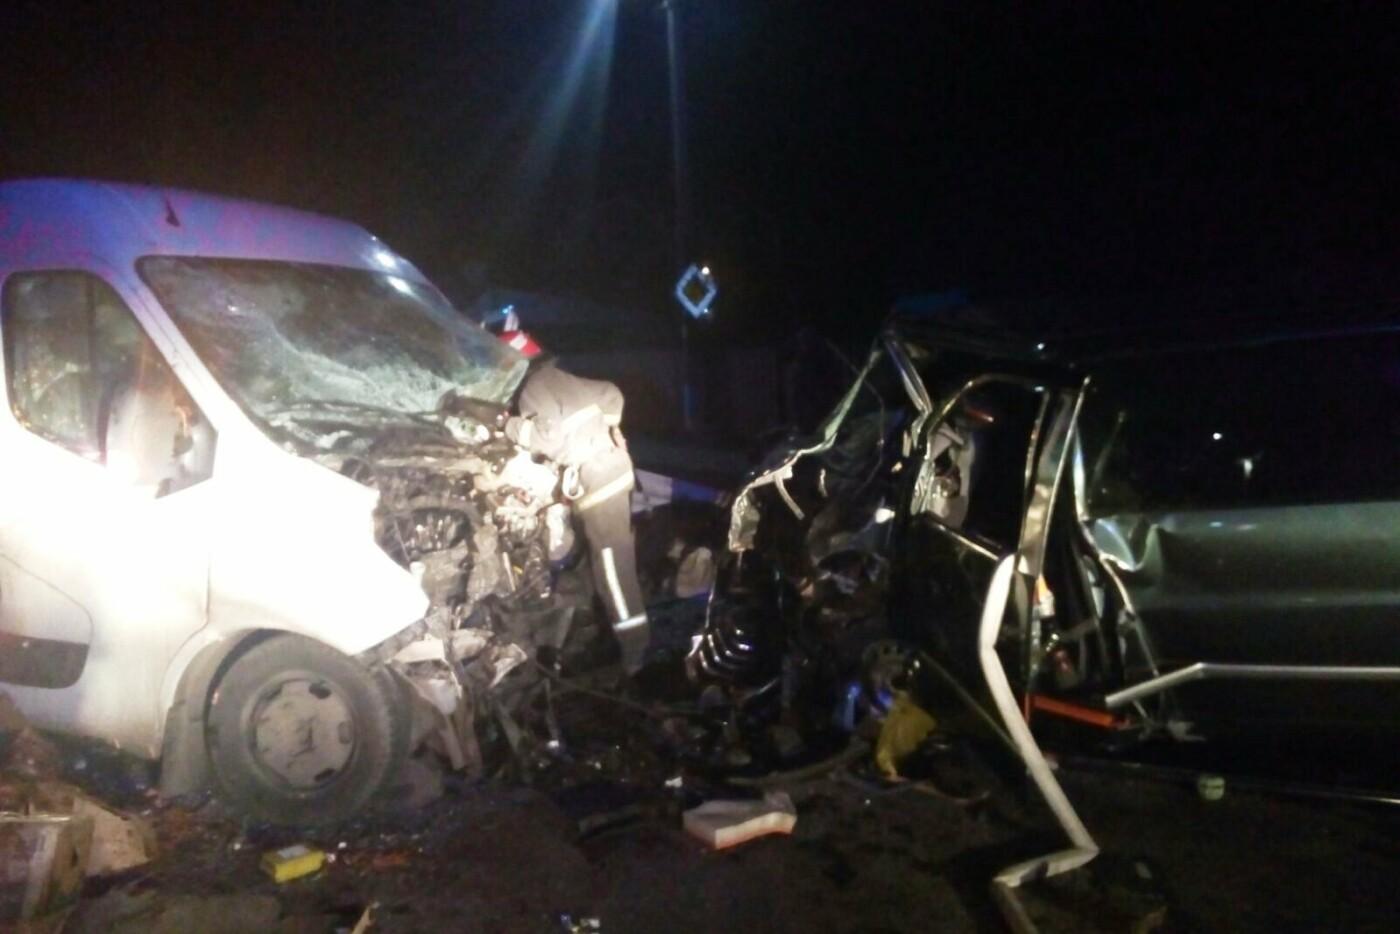 Лобовое столкновение, авто вдребезги и смерть водителя: ДТП на Черниговщине, фото-2